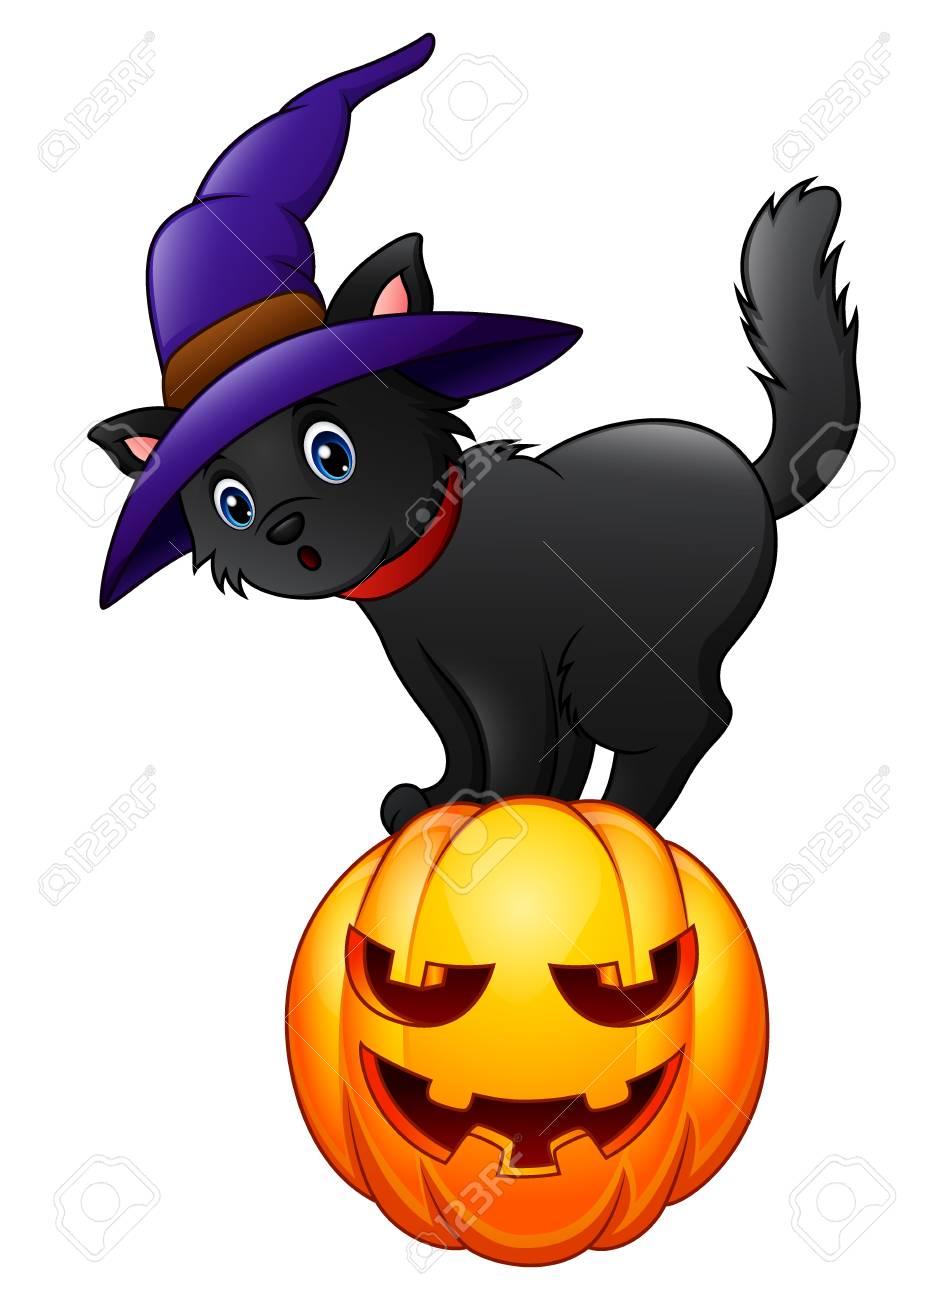 Black cat standing on a pumpkin. - 85547714